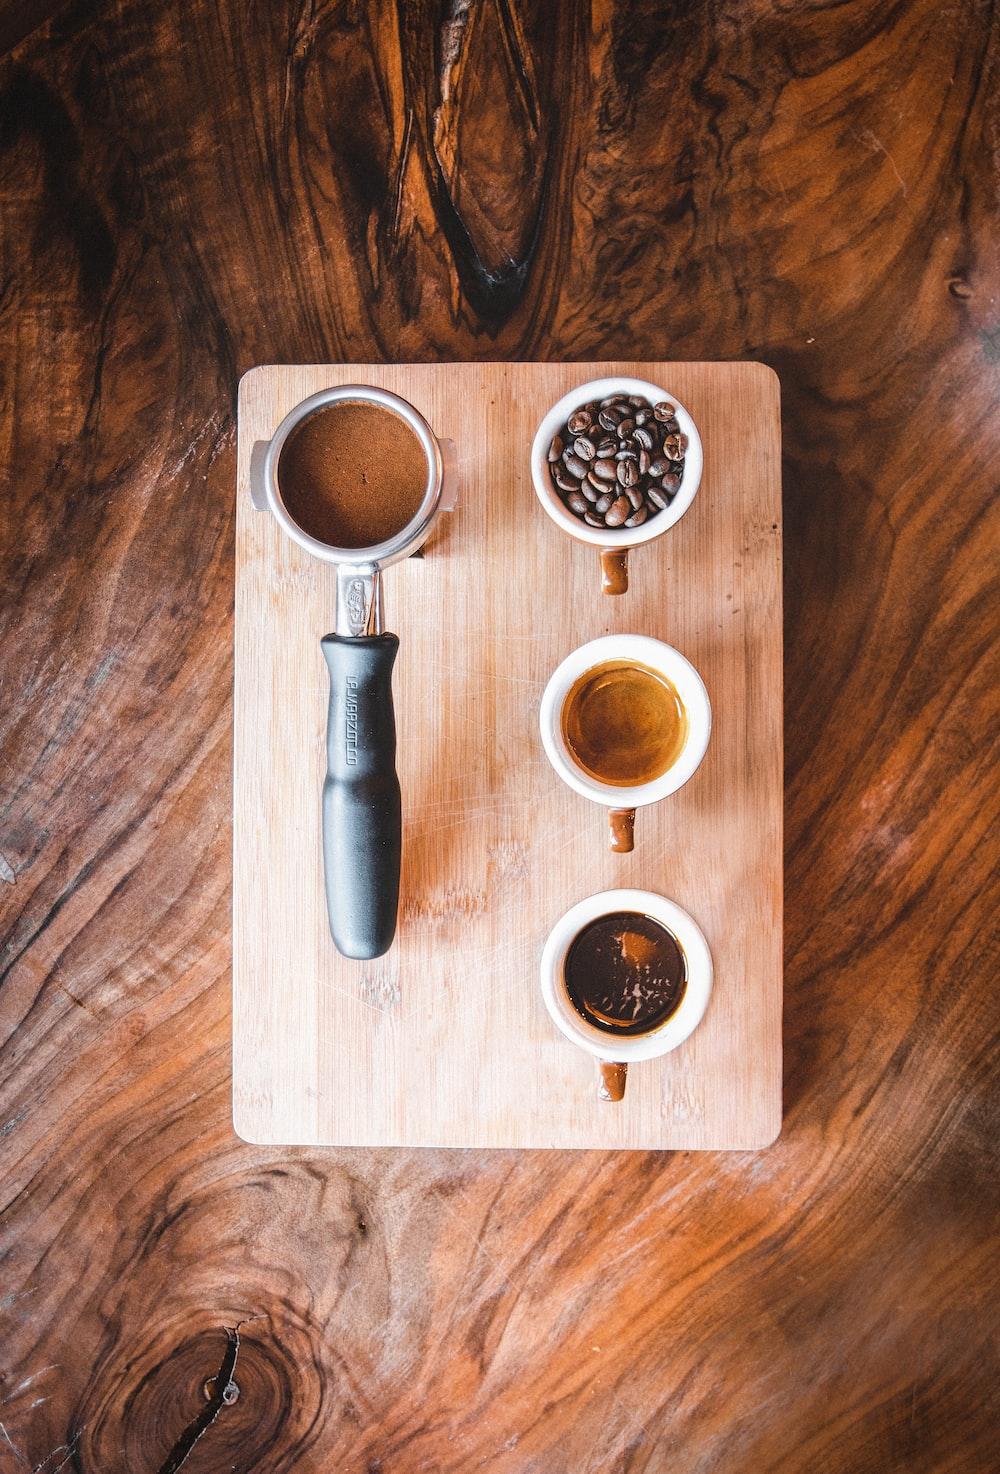 black bottle beside white ceramic mug on brown wooden table